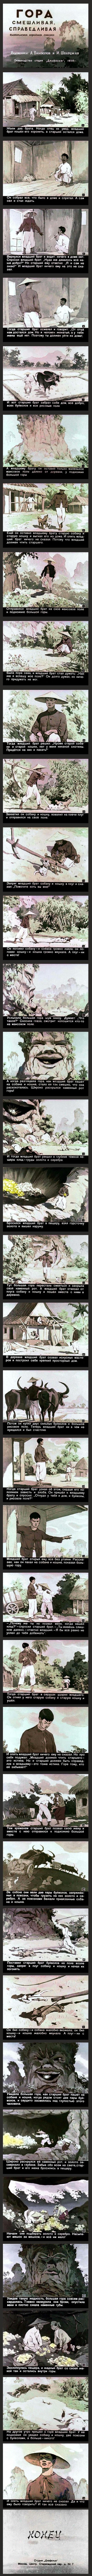 Вьетнамская народная сказка в прекрасной рисовке. Внезапный диафильм! Диафильм, Вьетнамская сказка, Длиннопост